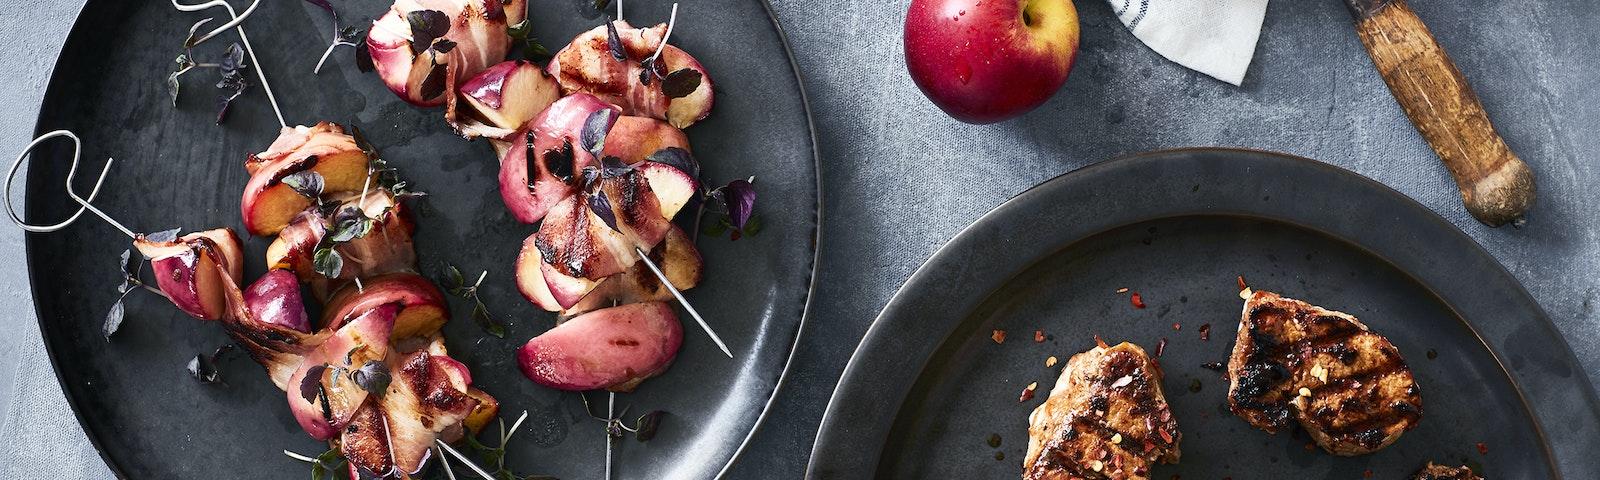 Grillspyd med nektarin i baconsvøb